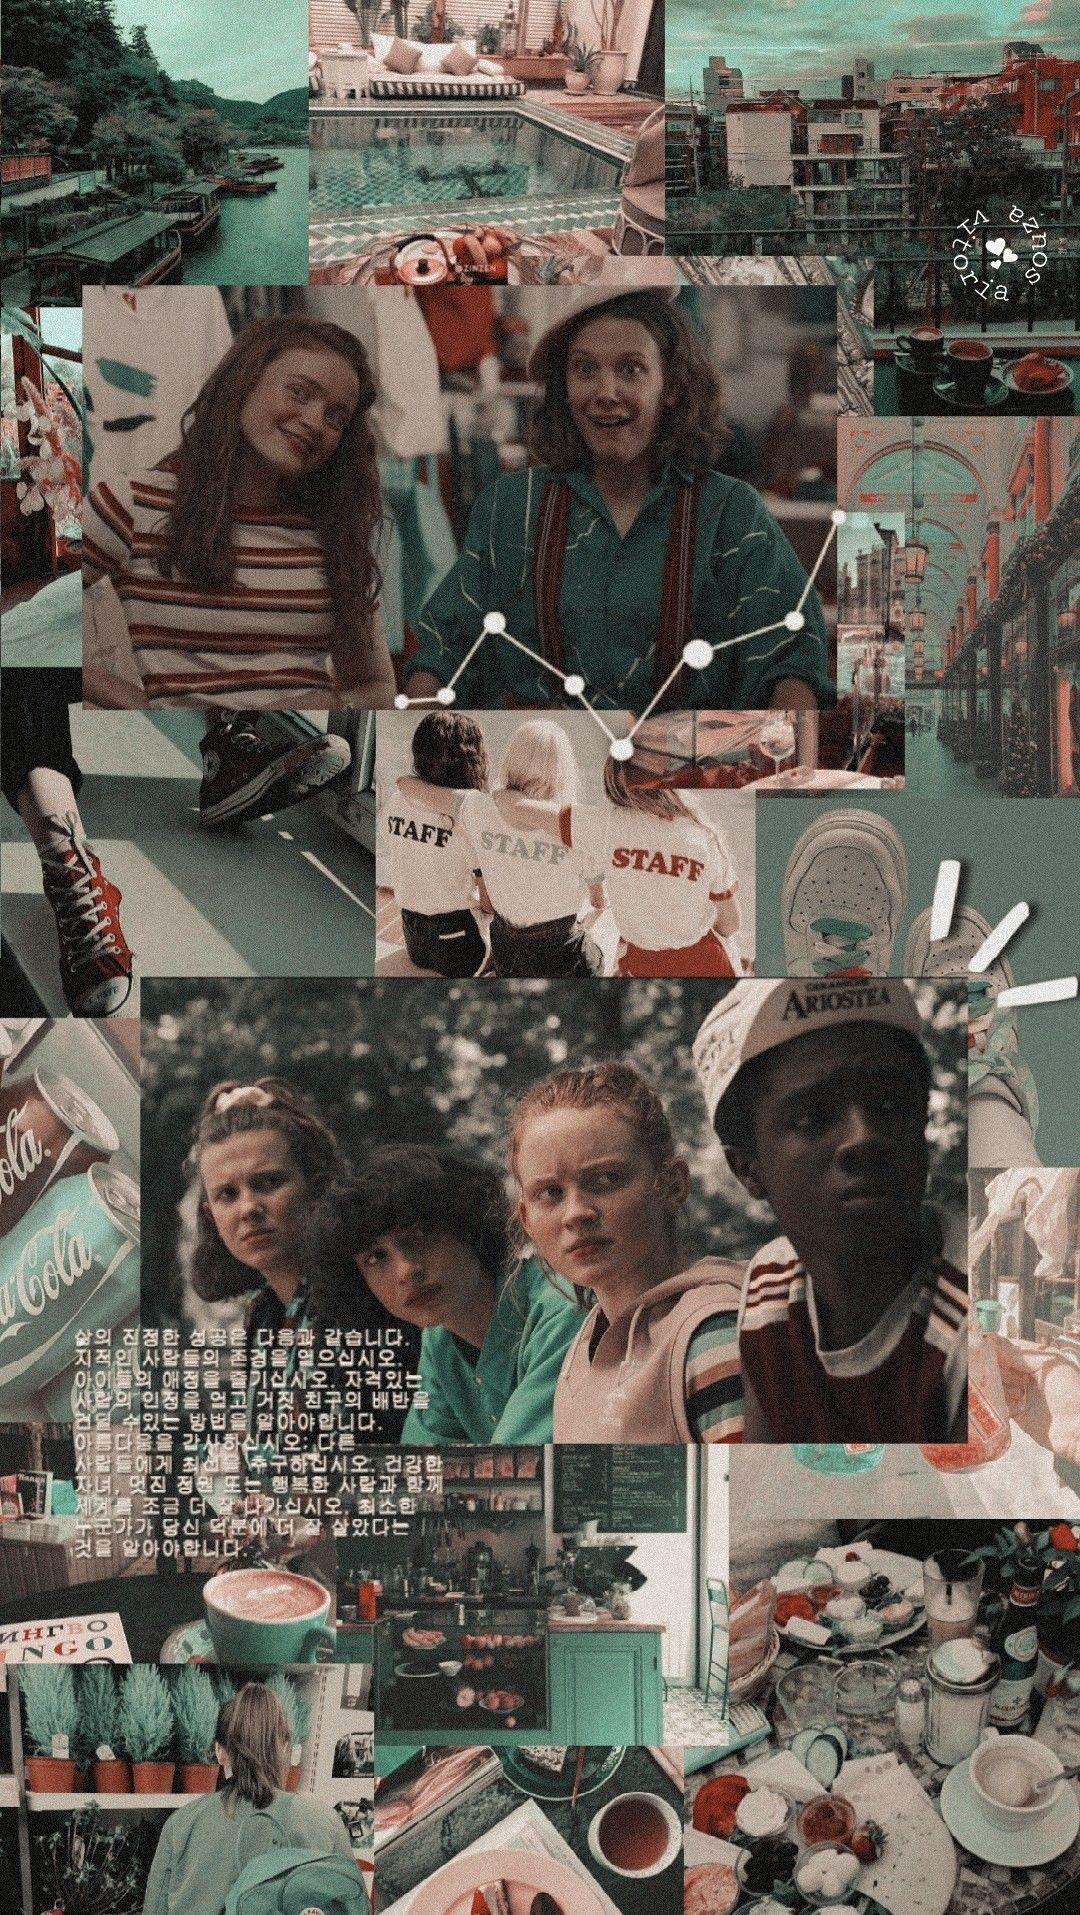 Cosas Mas Extranas Lockscreen Wallpaper Esteticos Amigos In 2020 Stranger Things Wallpaper Stranger Things Poster Stranger